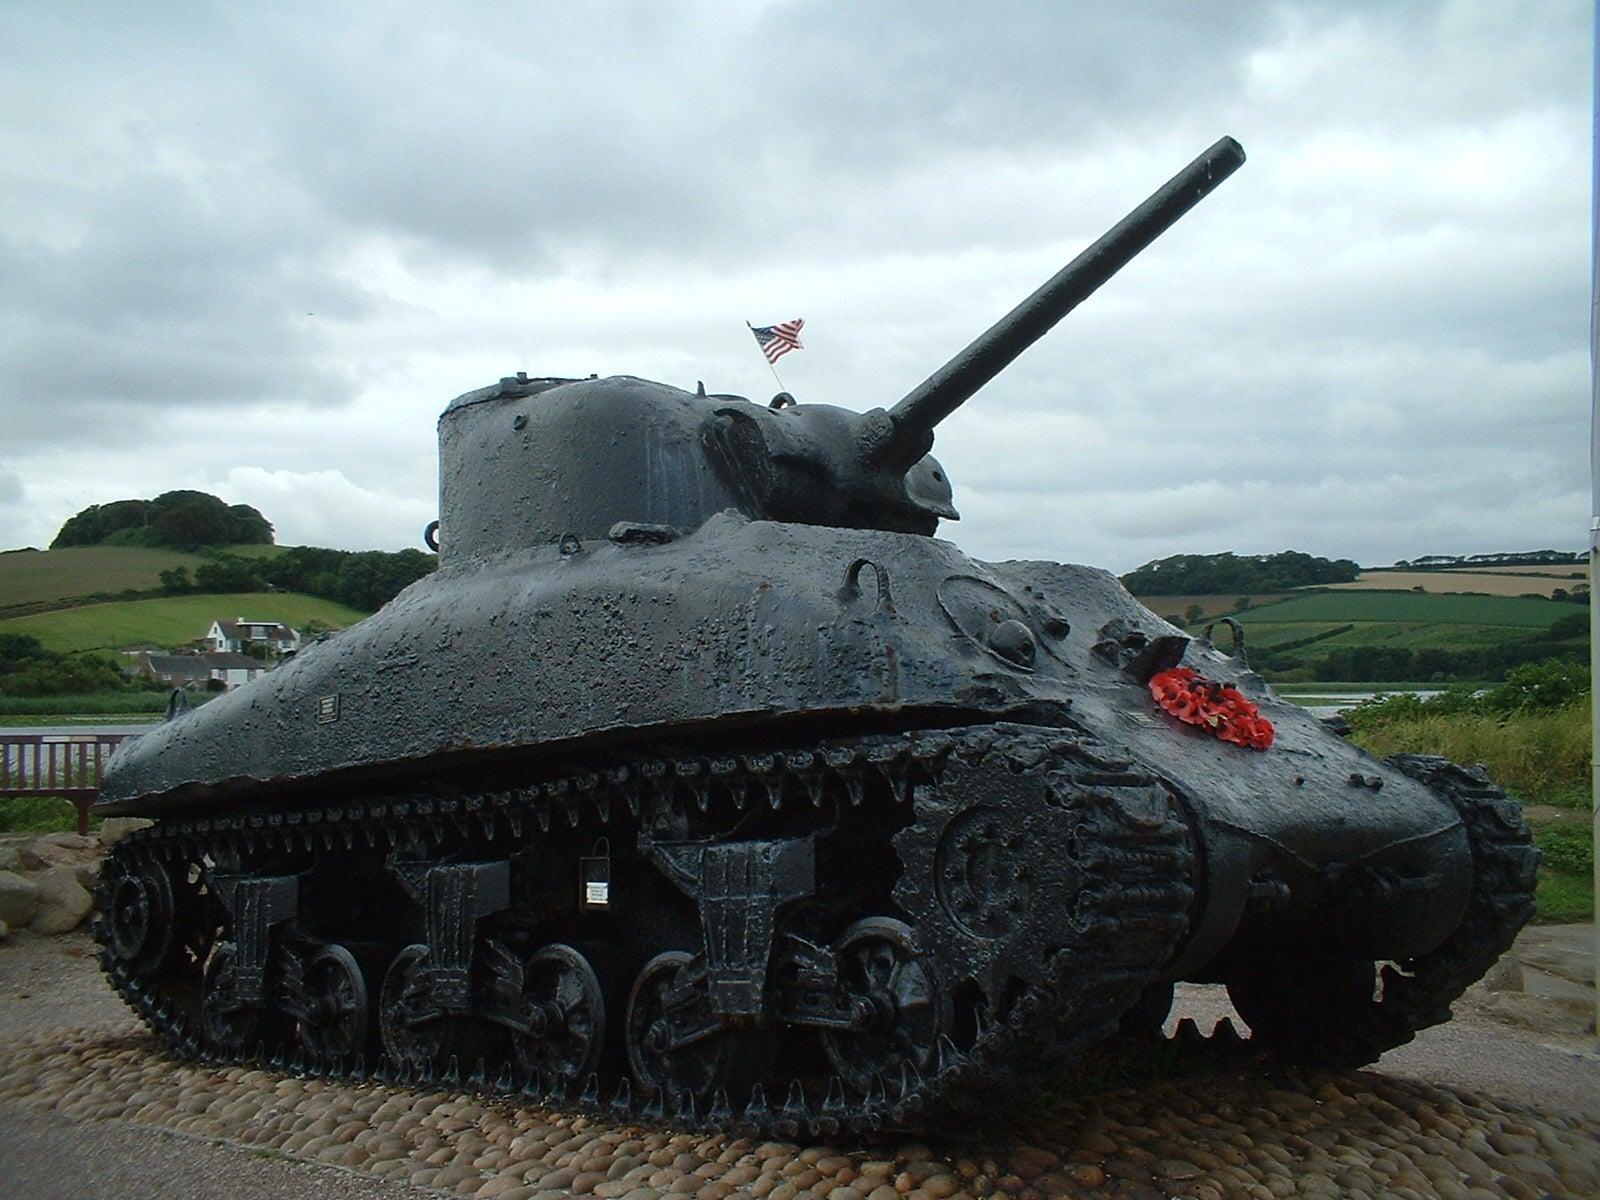 sherman tank honoring those killed during exercise tiger